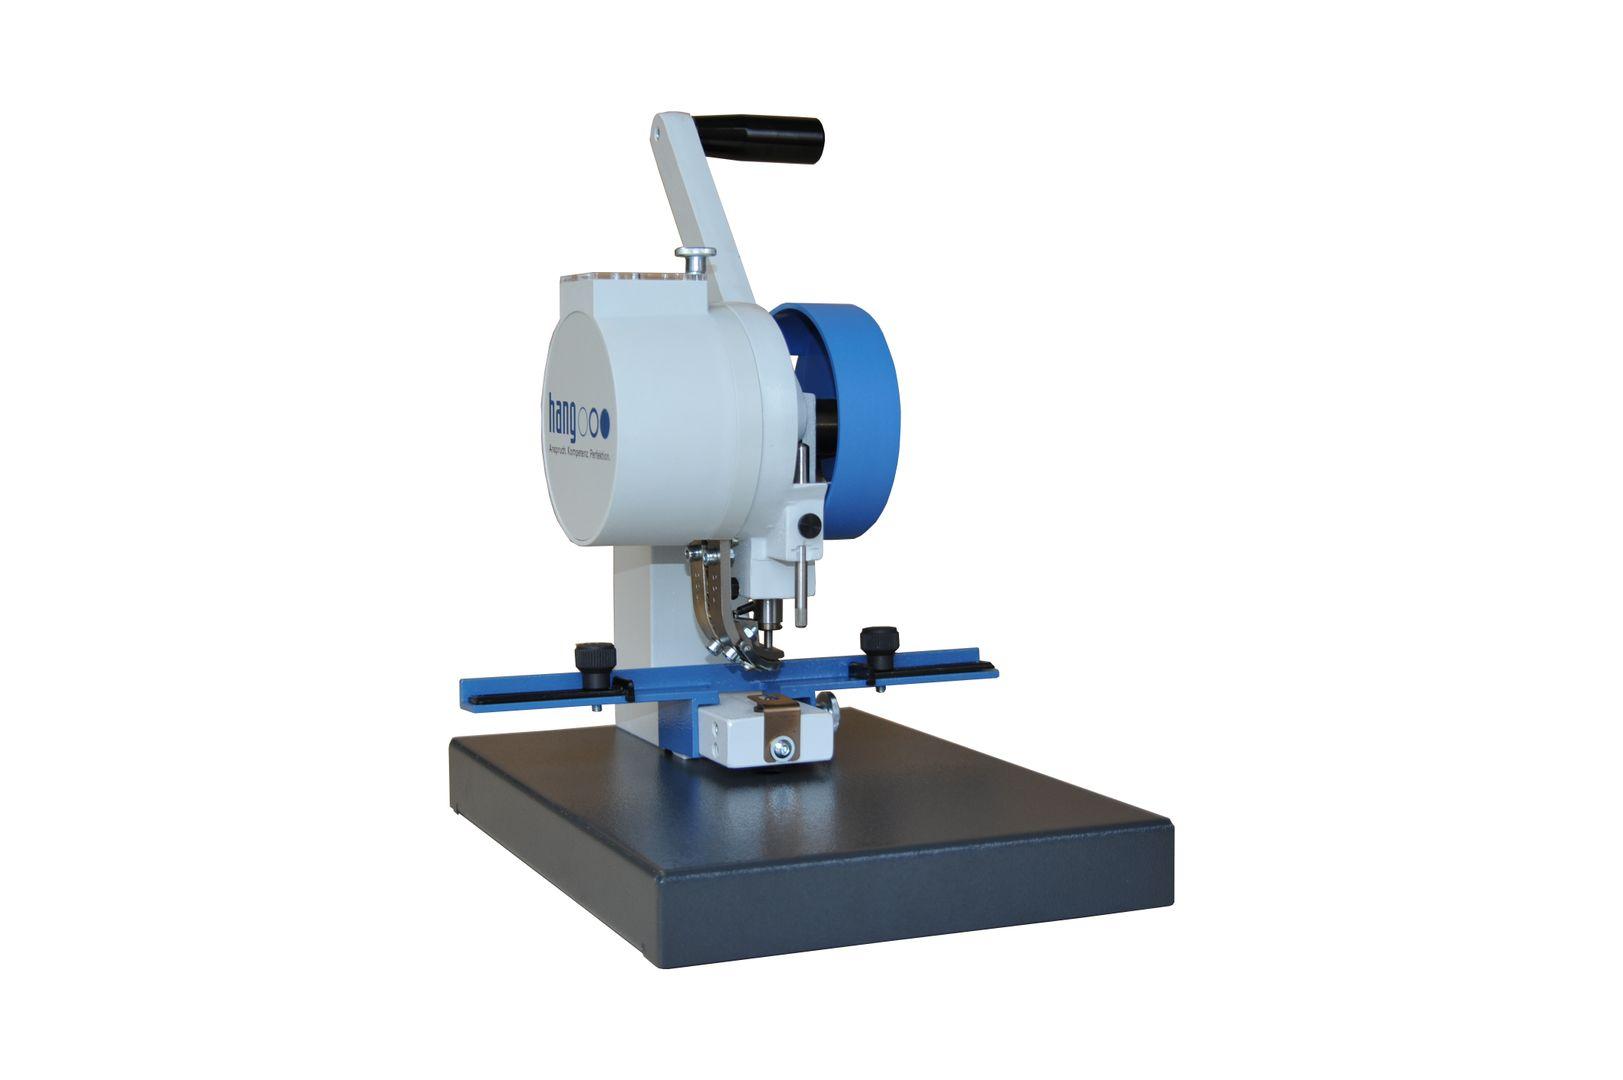 Hang Ösmaschine Piccolo IV Basic 102-00 für Kunststoff-Ösen Nr. 904 – Bild 1